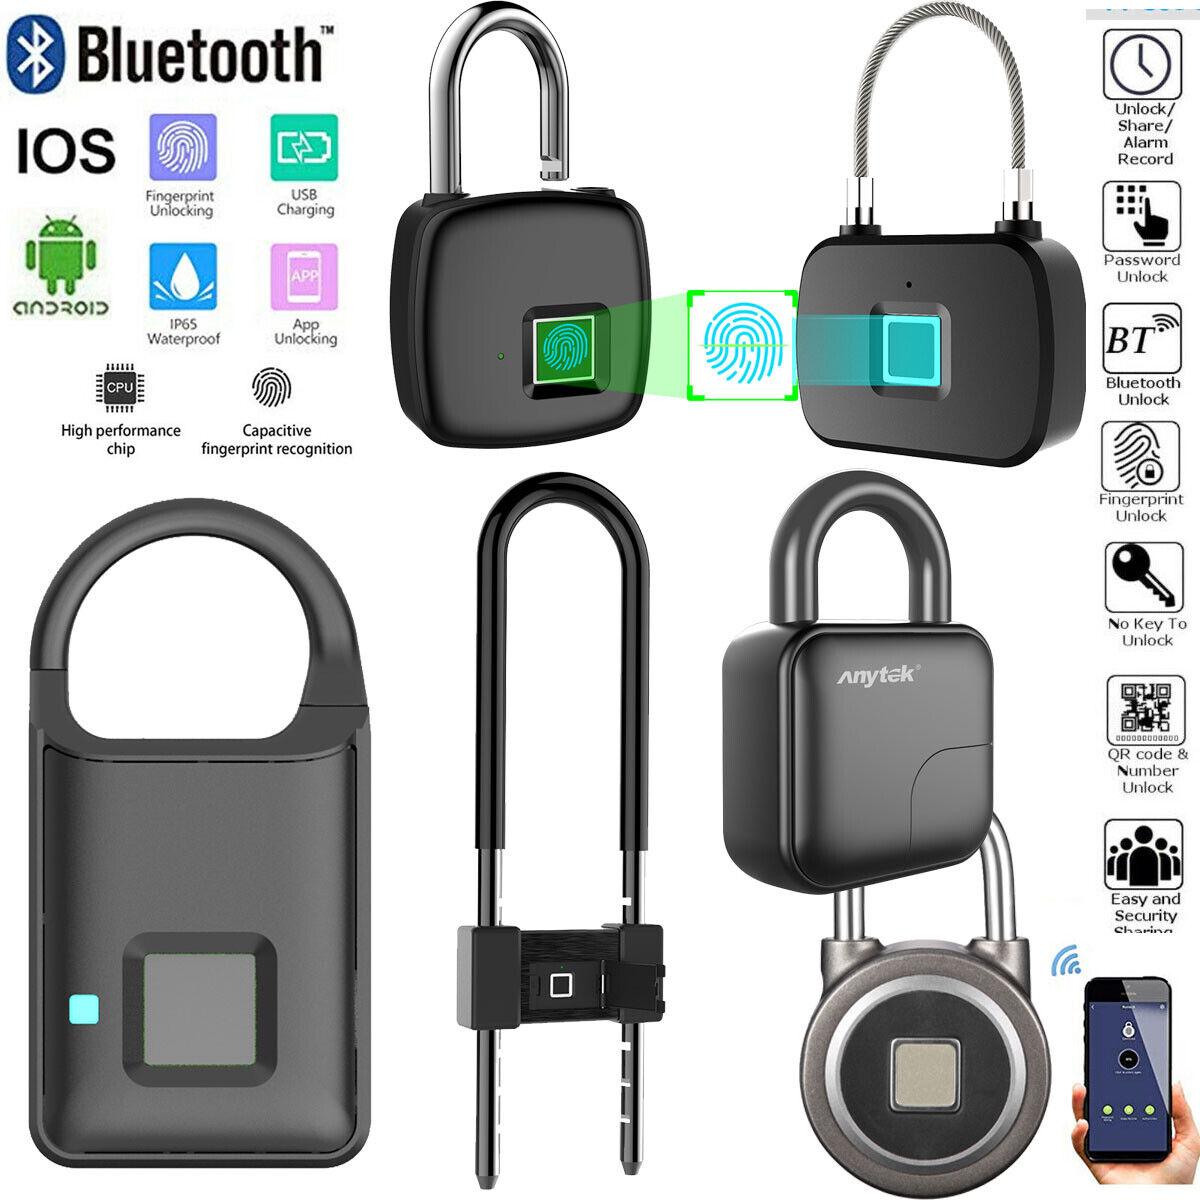 Waterproof Fingerprint Padlock Smart APP Bluetooth Lock Door